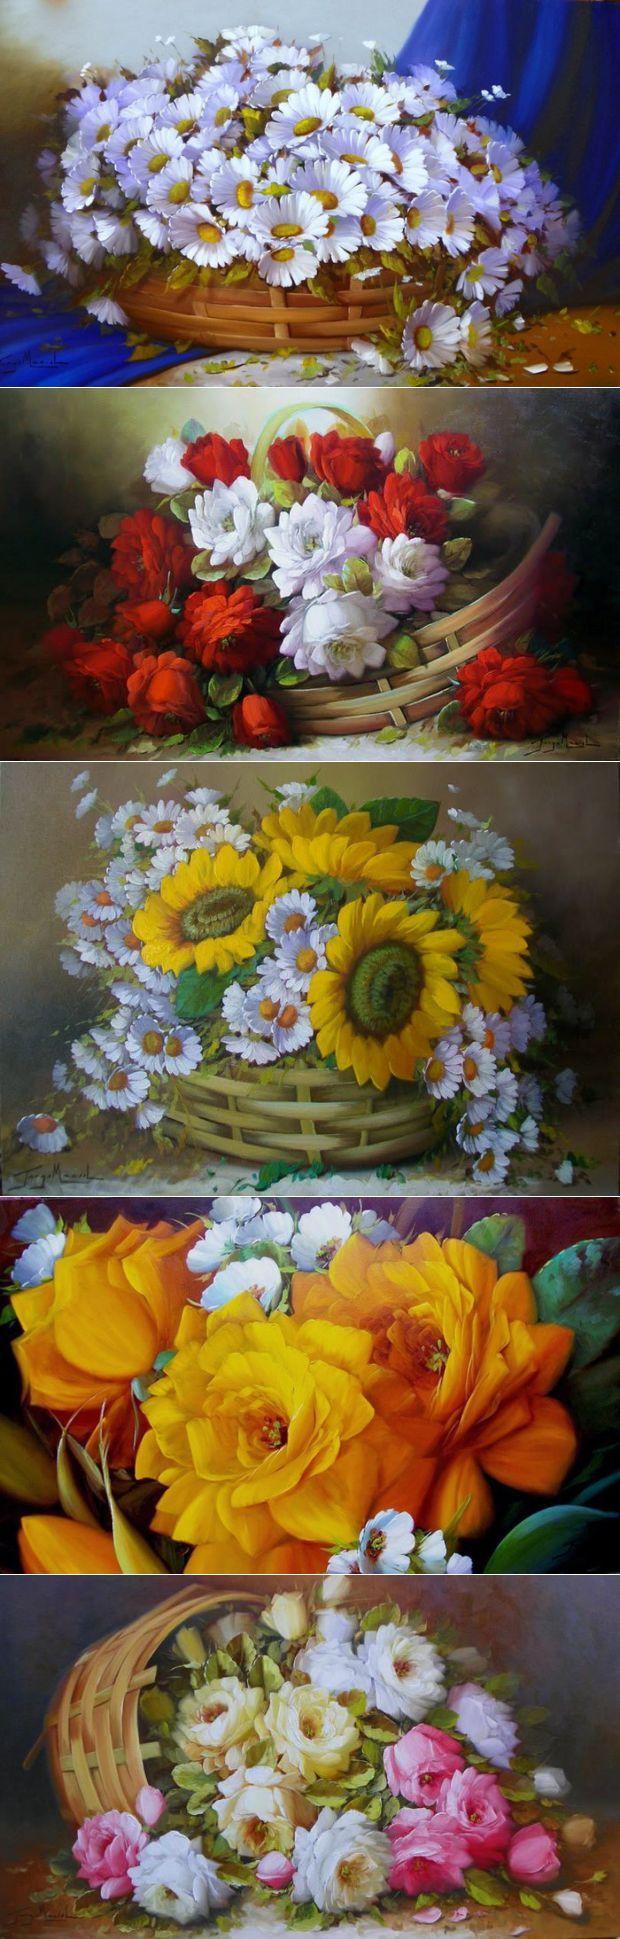 Мир цветов от Jorge Maciel | искусство | Постила